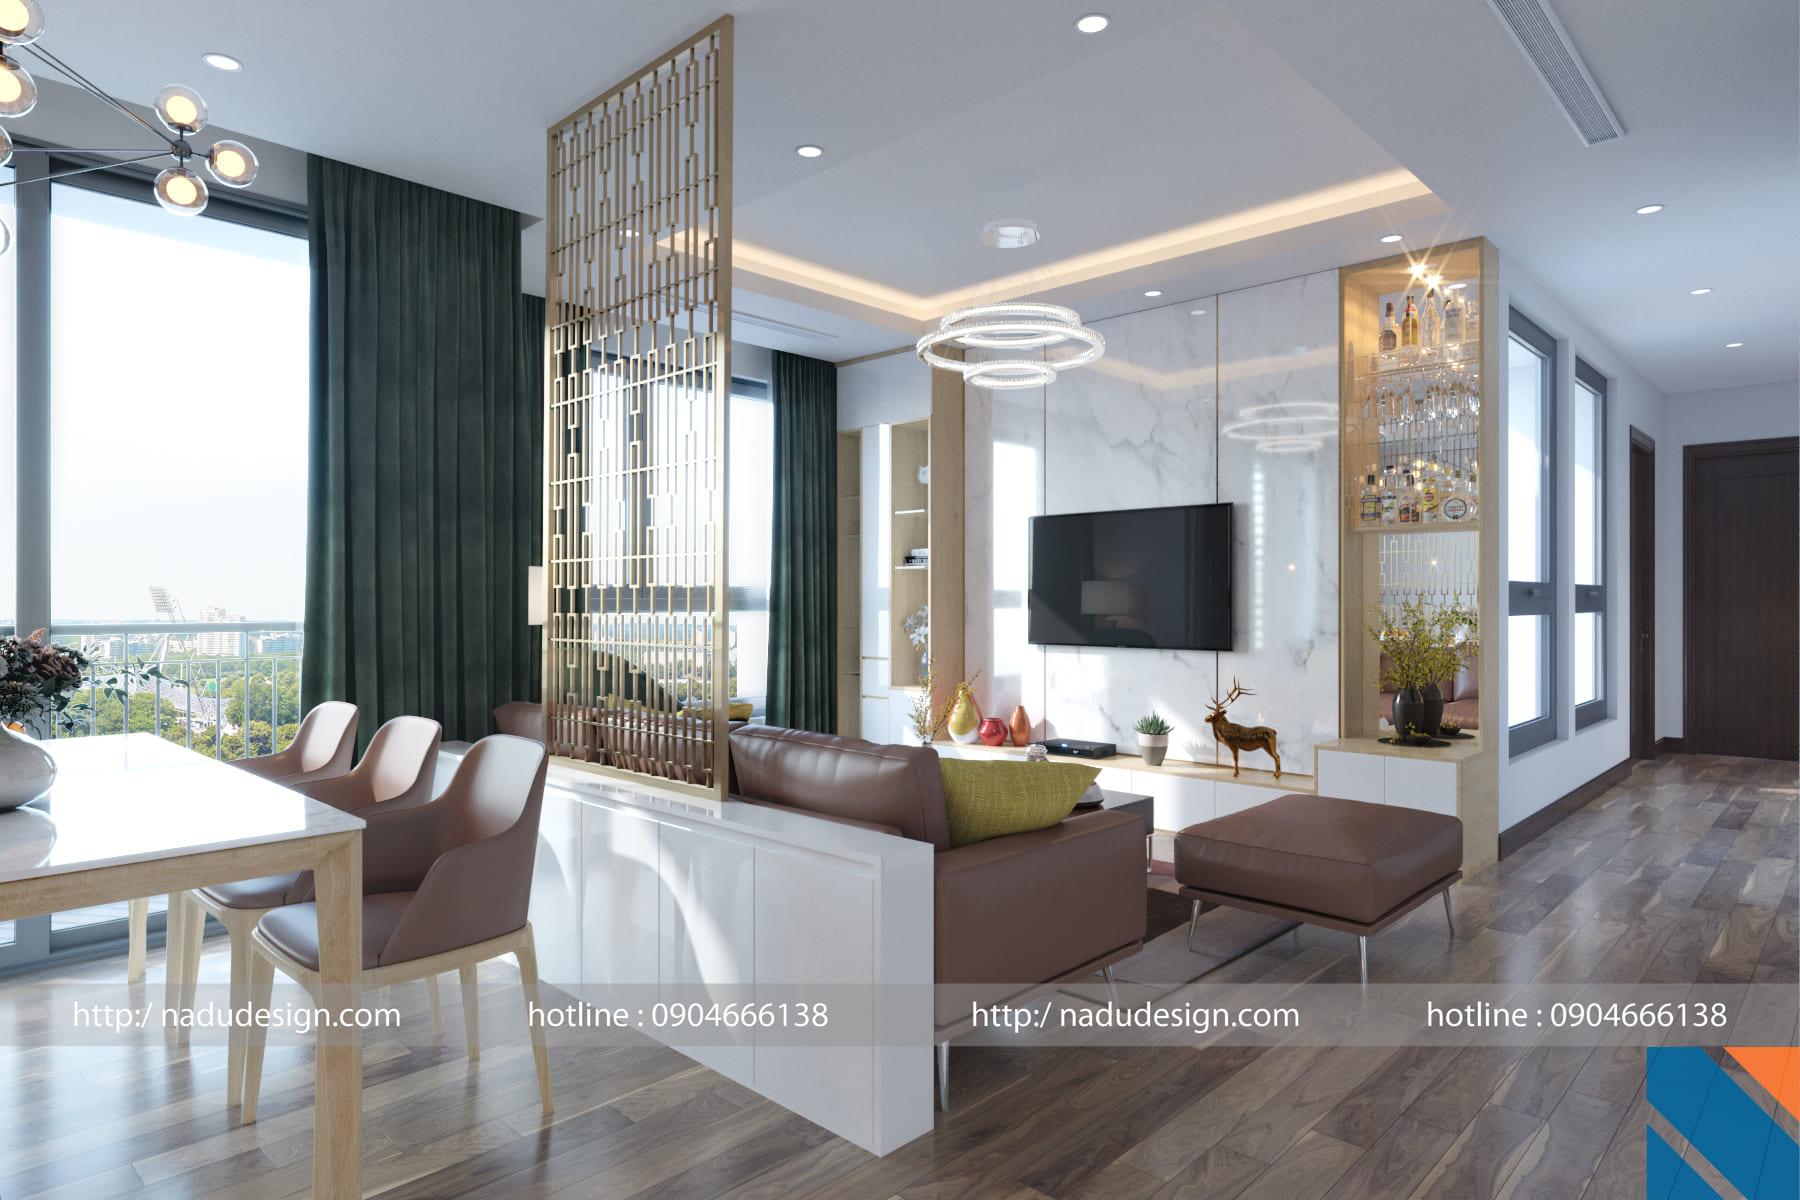 Mẫu thiết kế nội thất hợp phong thủy nhà ở của Nadu Design